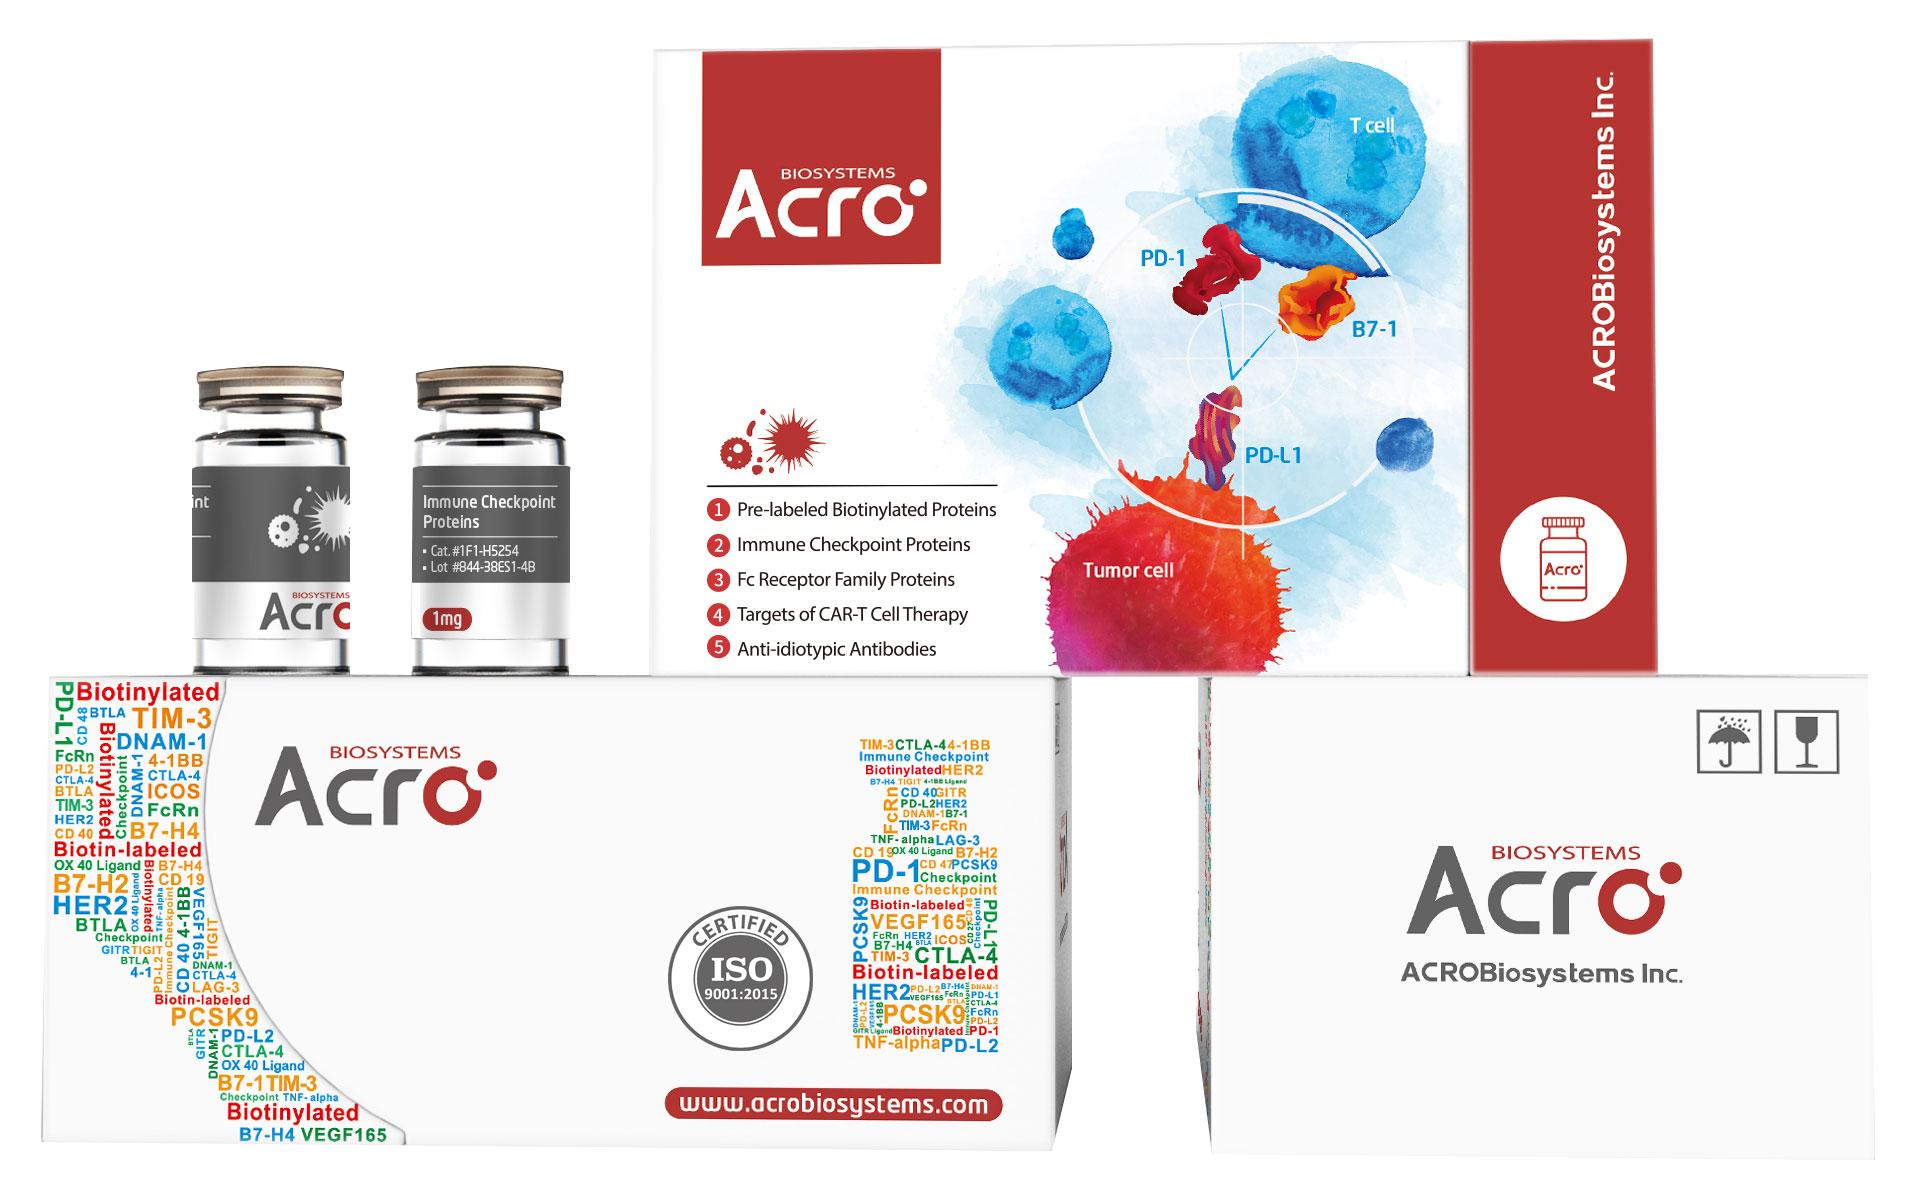 Biotinylated Human PD-1 / PDCD1, His Tag & Fc Tag, Avi Tag (Avitag™)